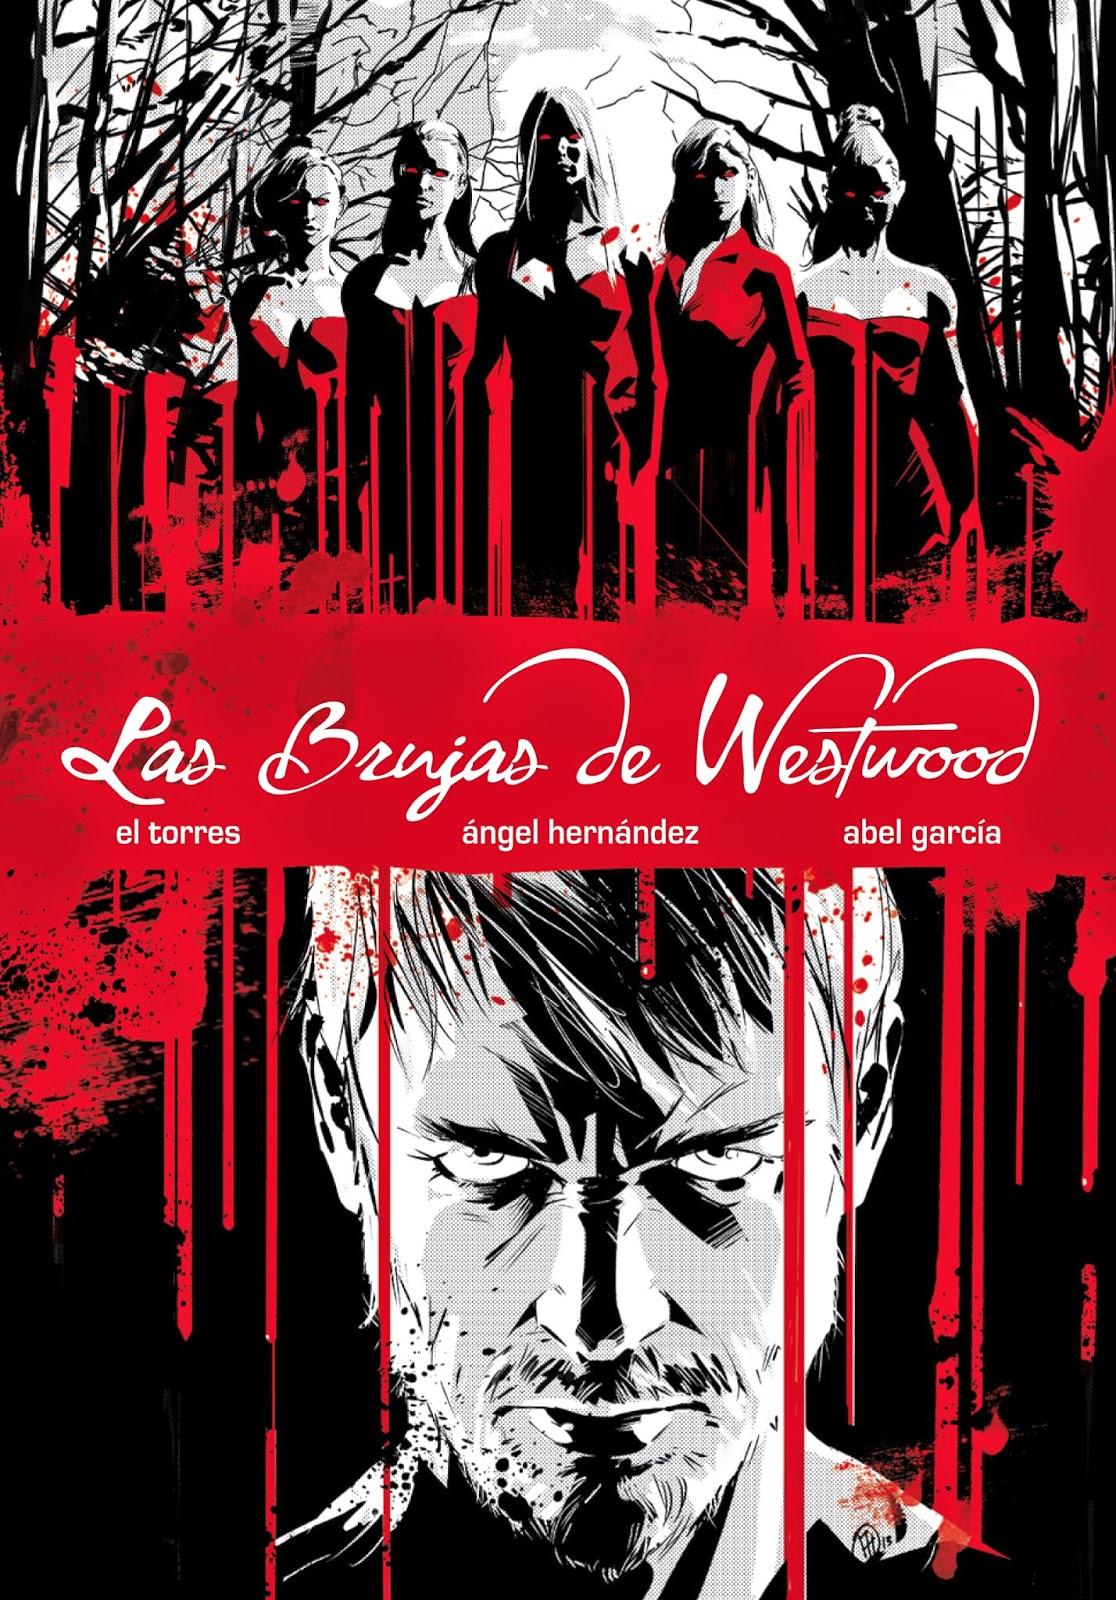 brujas westwood